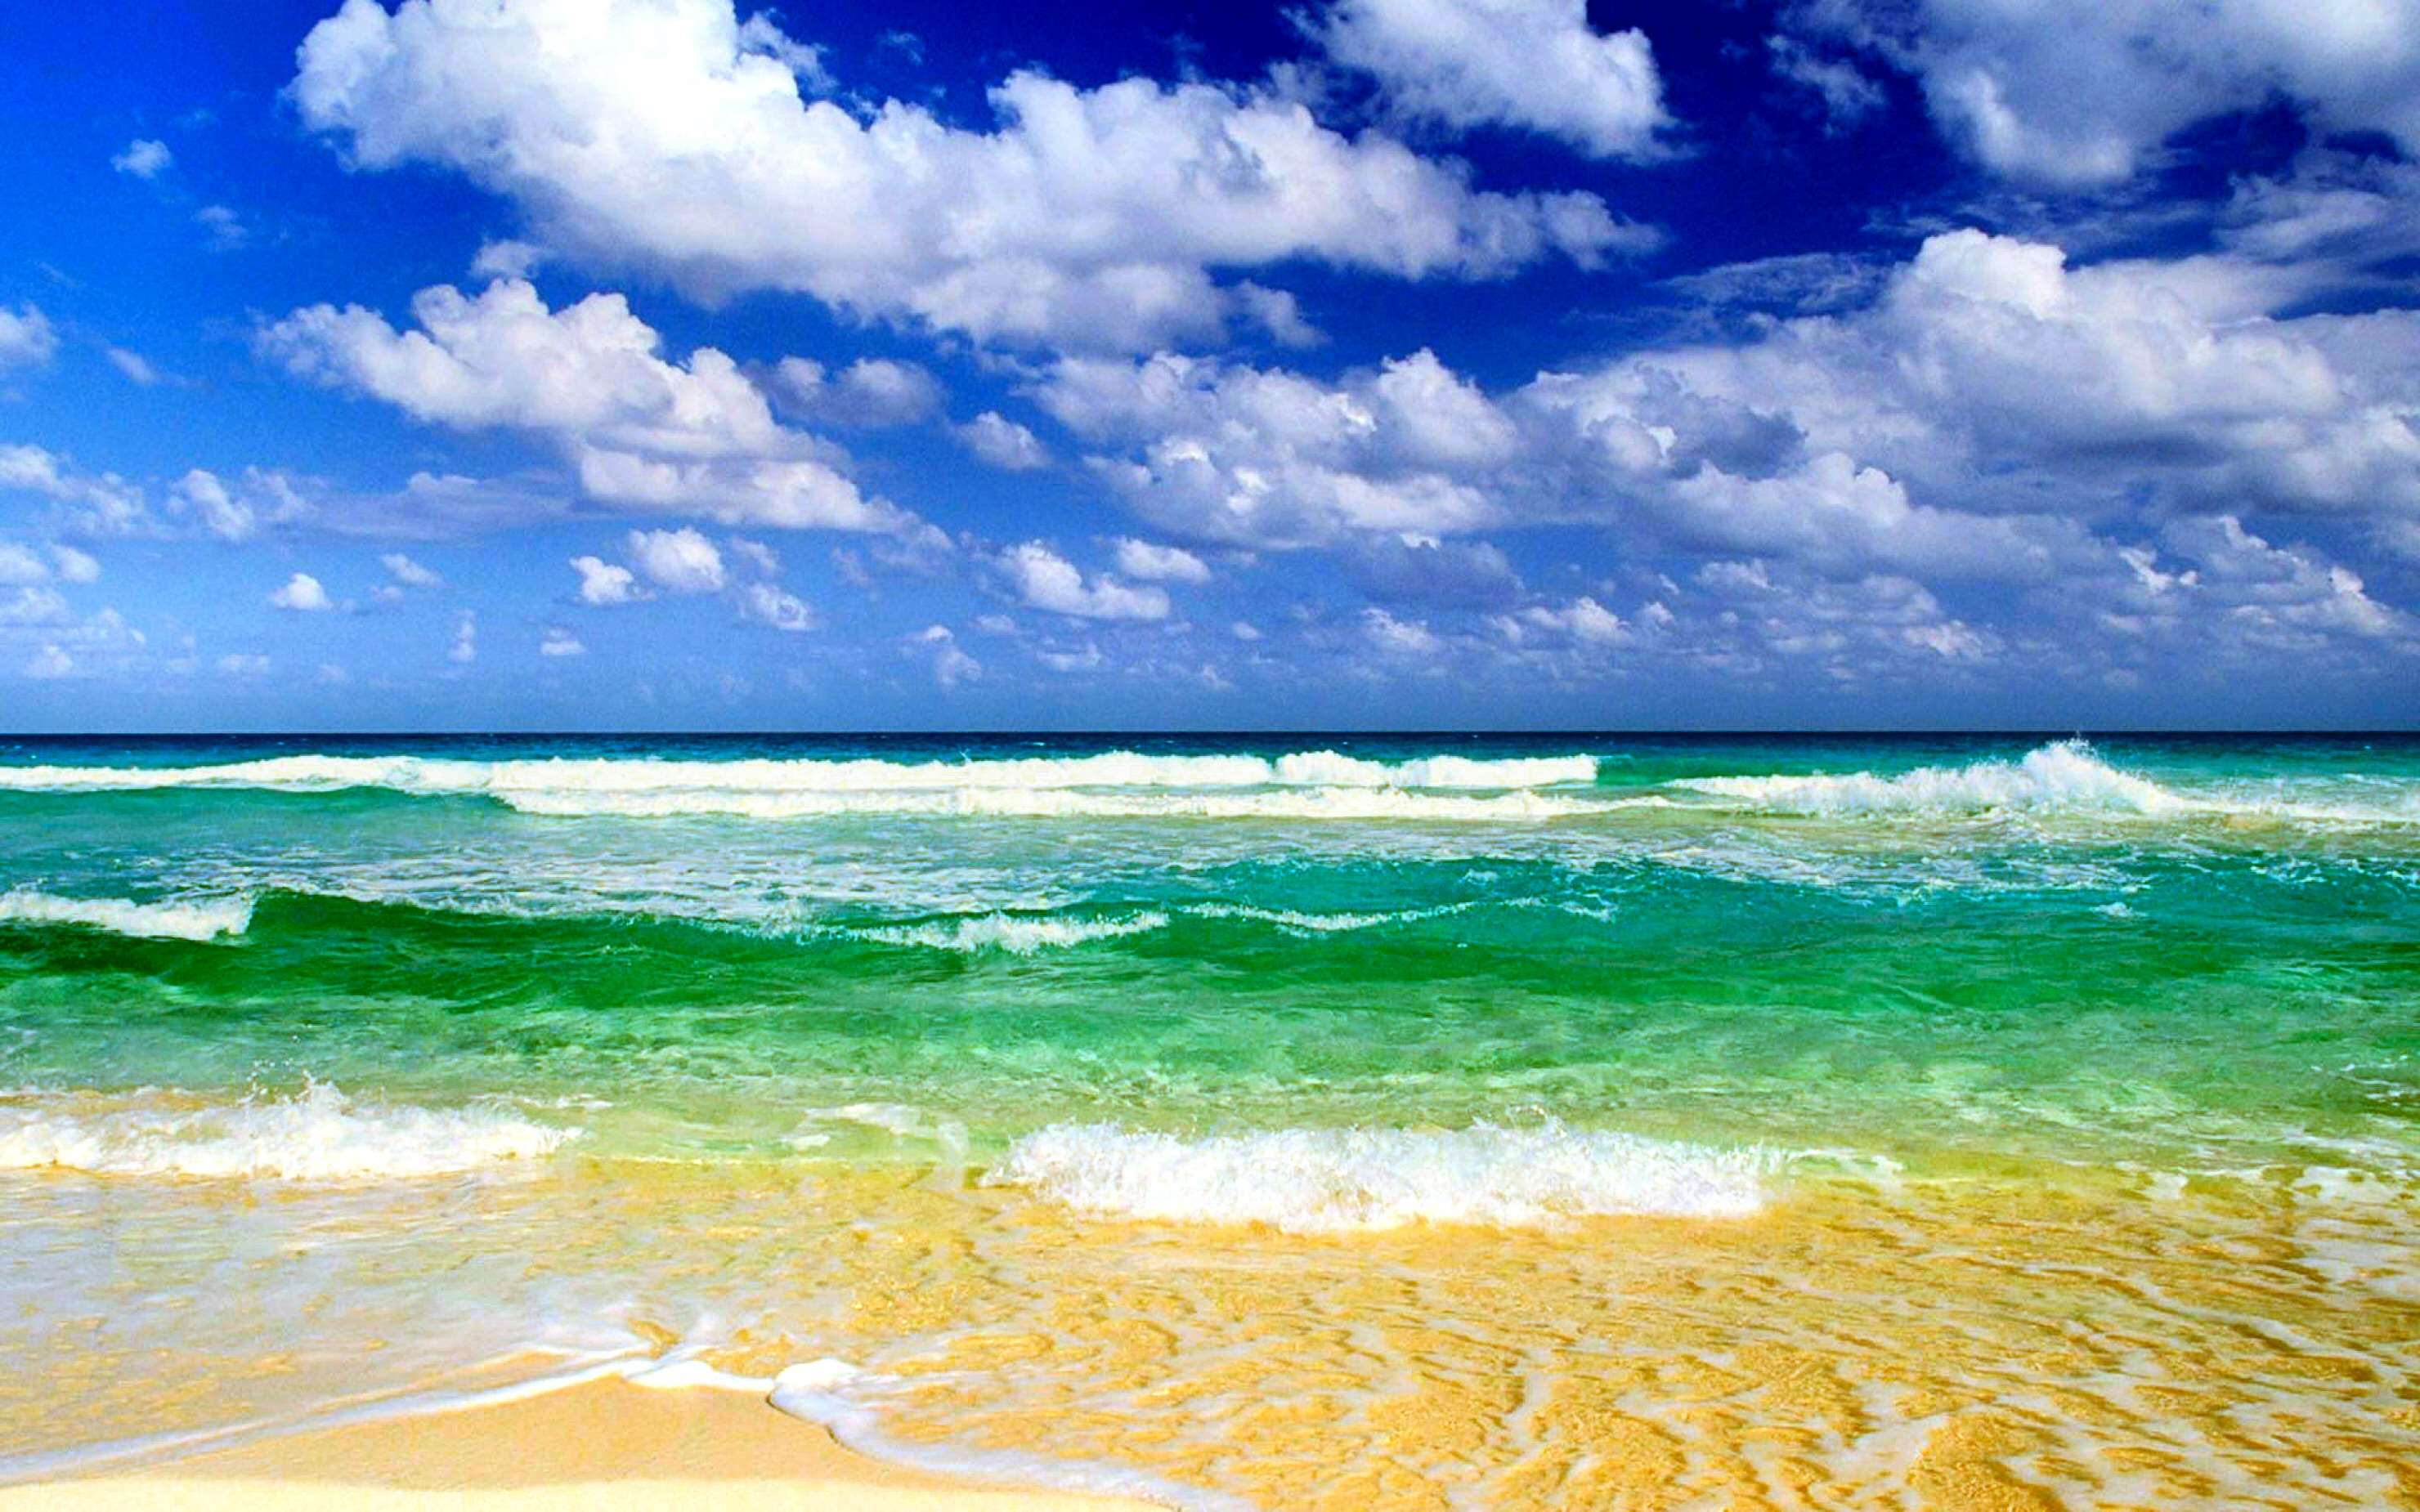 خلفيات وصور بحار احلي صور عن البحر hd (2)